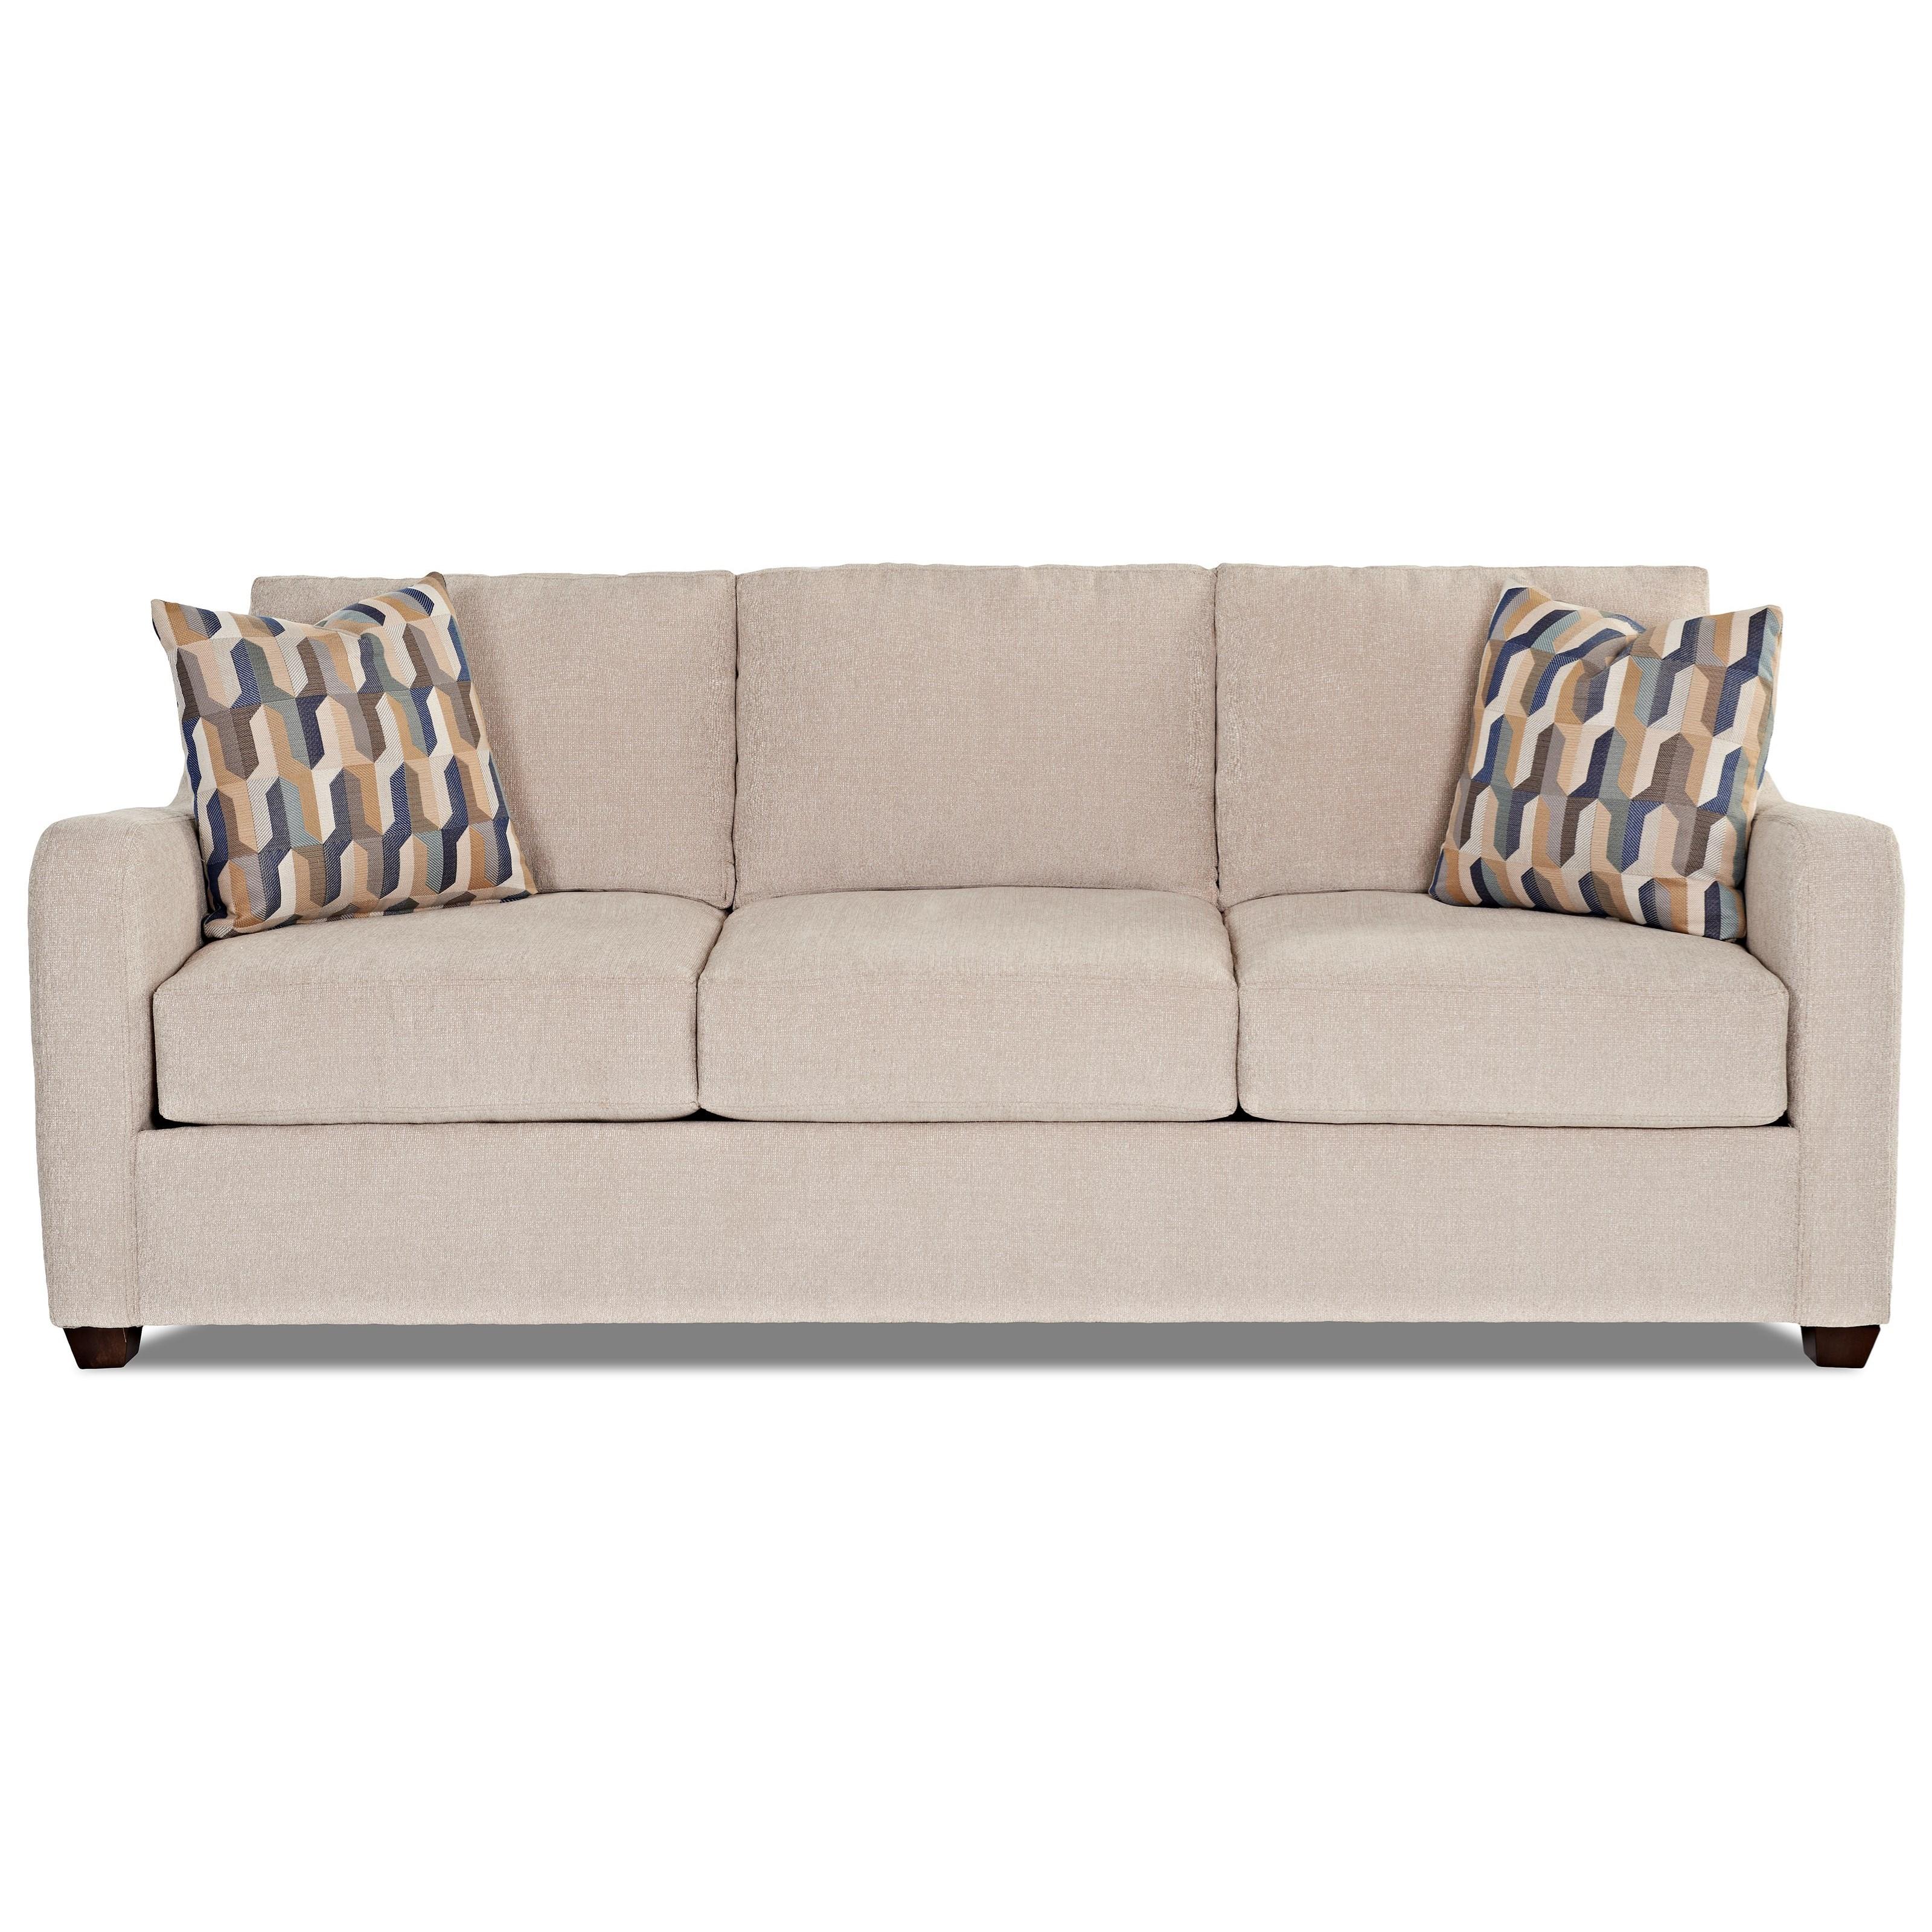 Klaussner Greer Enso Memory Foam Queen Sleeper Sofa - Item Number: K29200 EQSL-THEO - PLAT